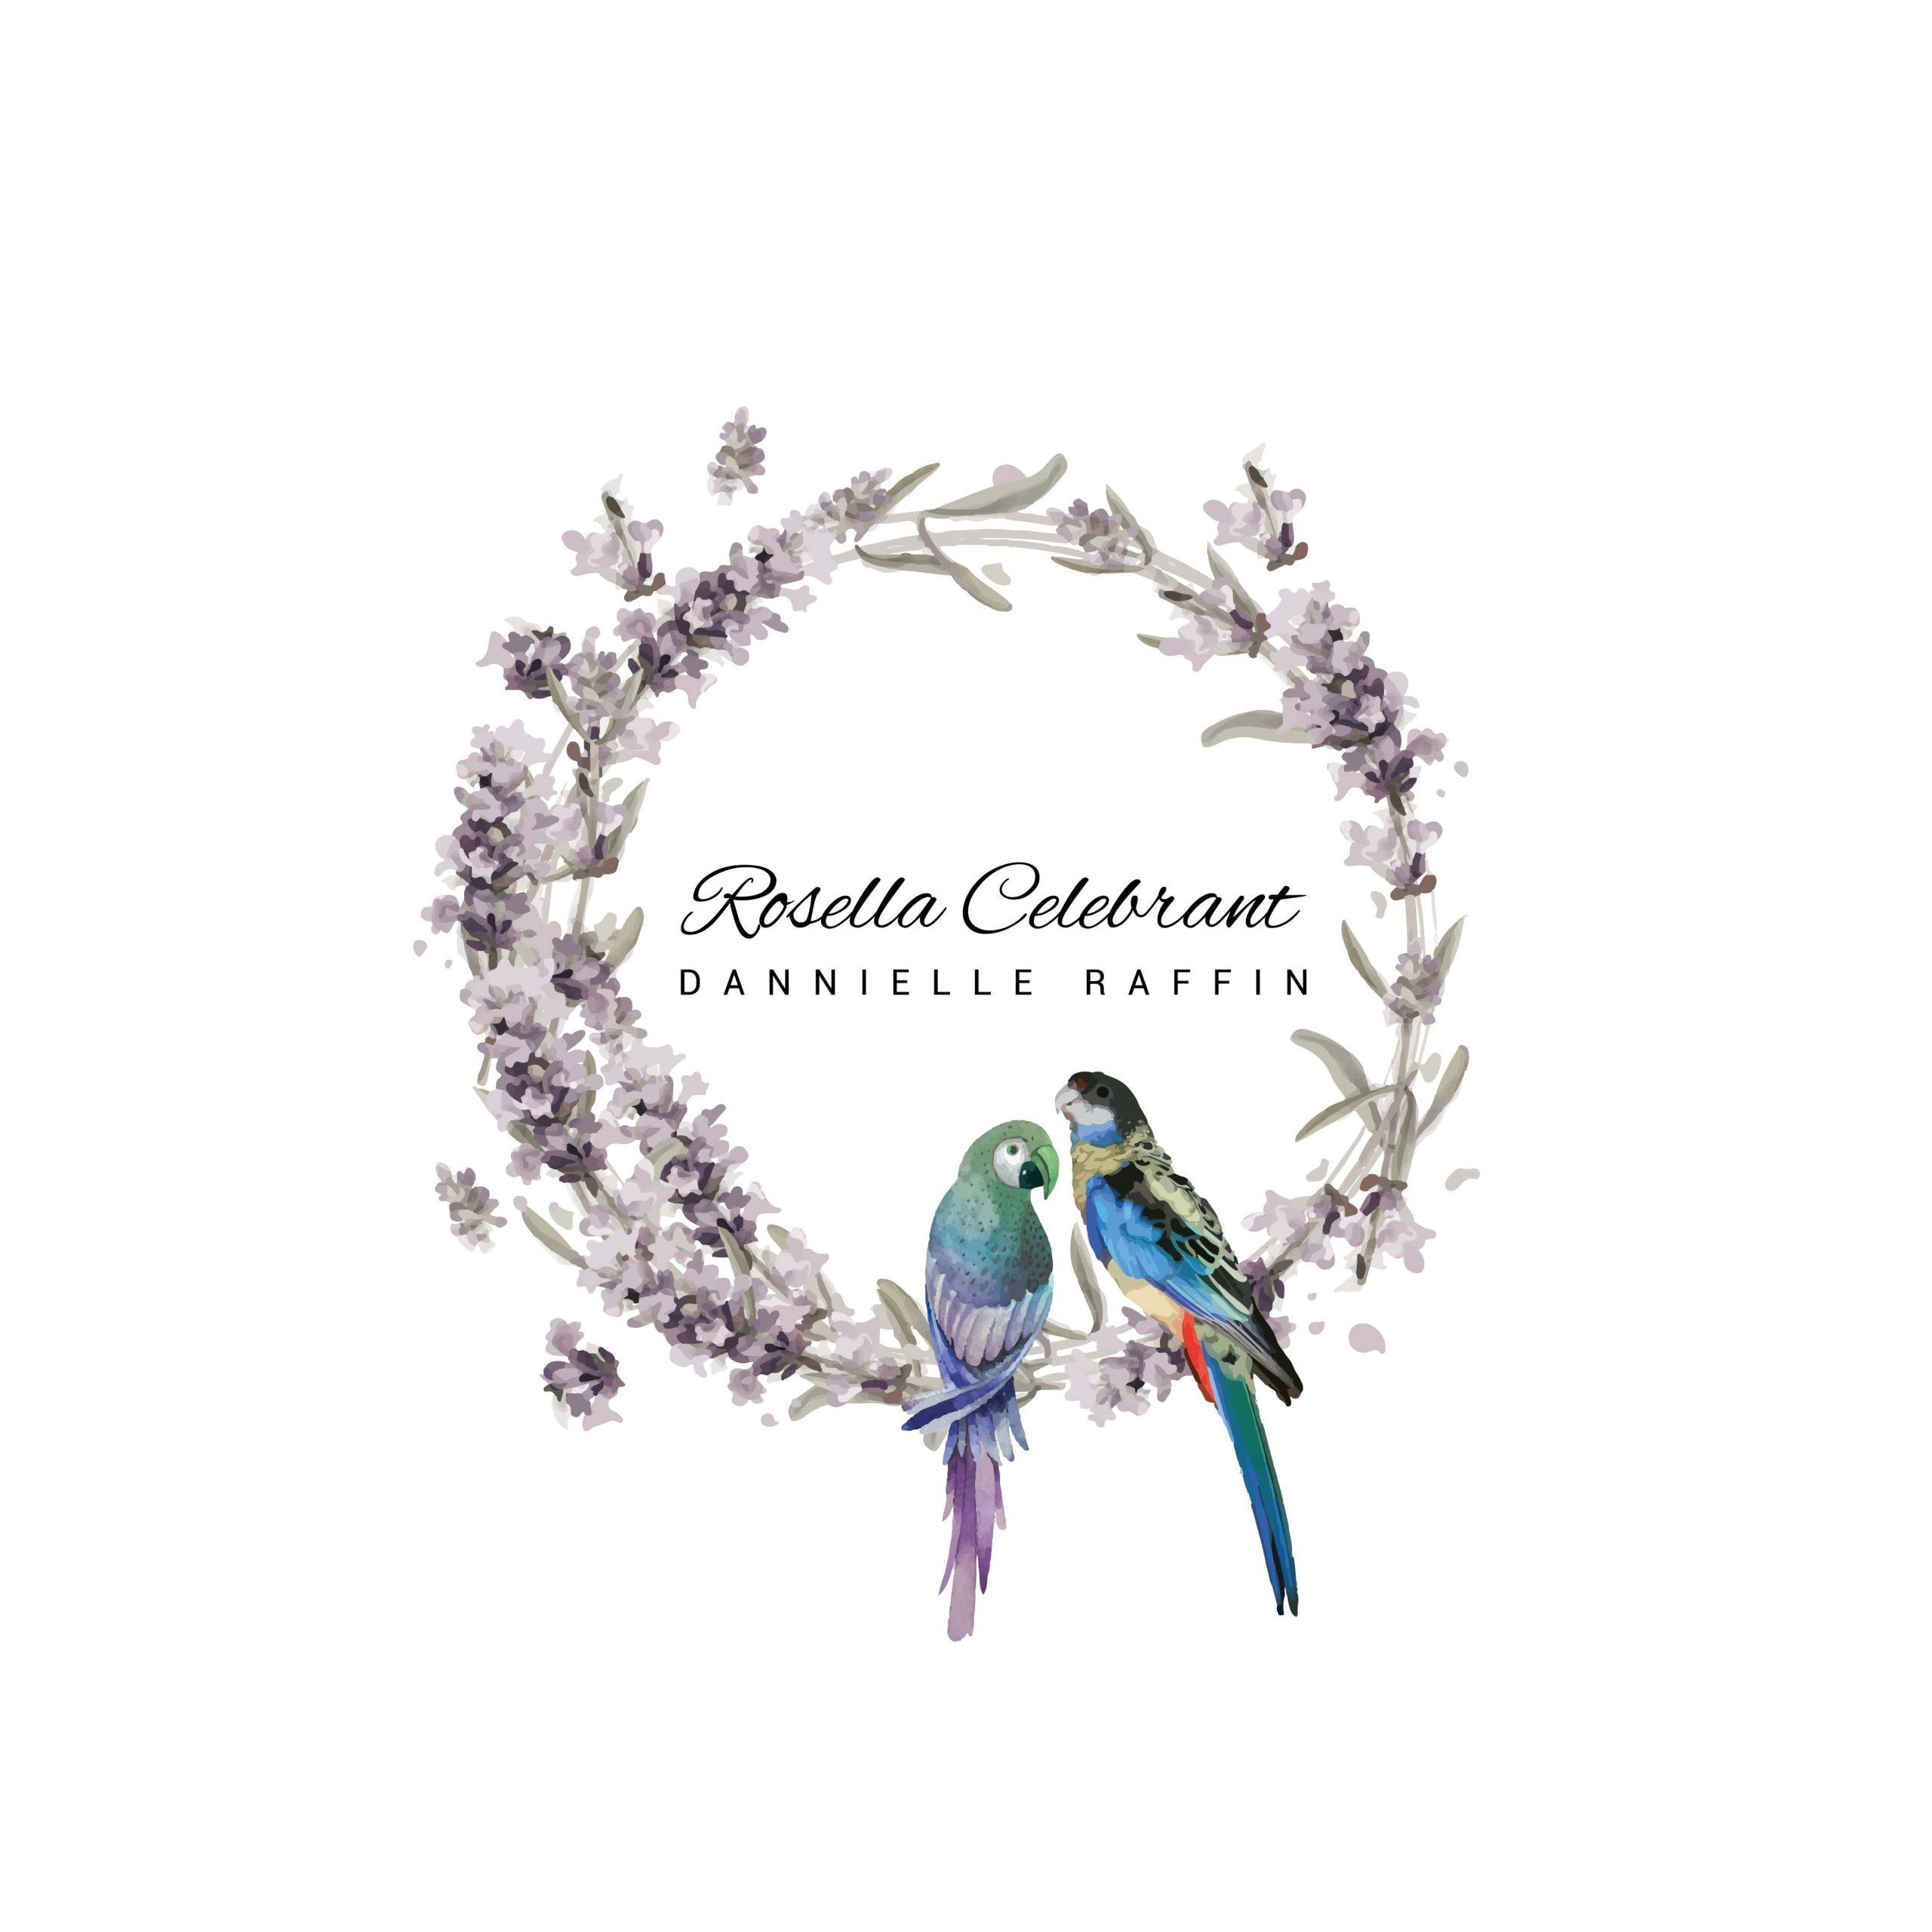 Rosella-Celebrant-01-min